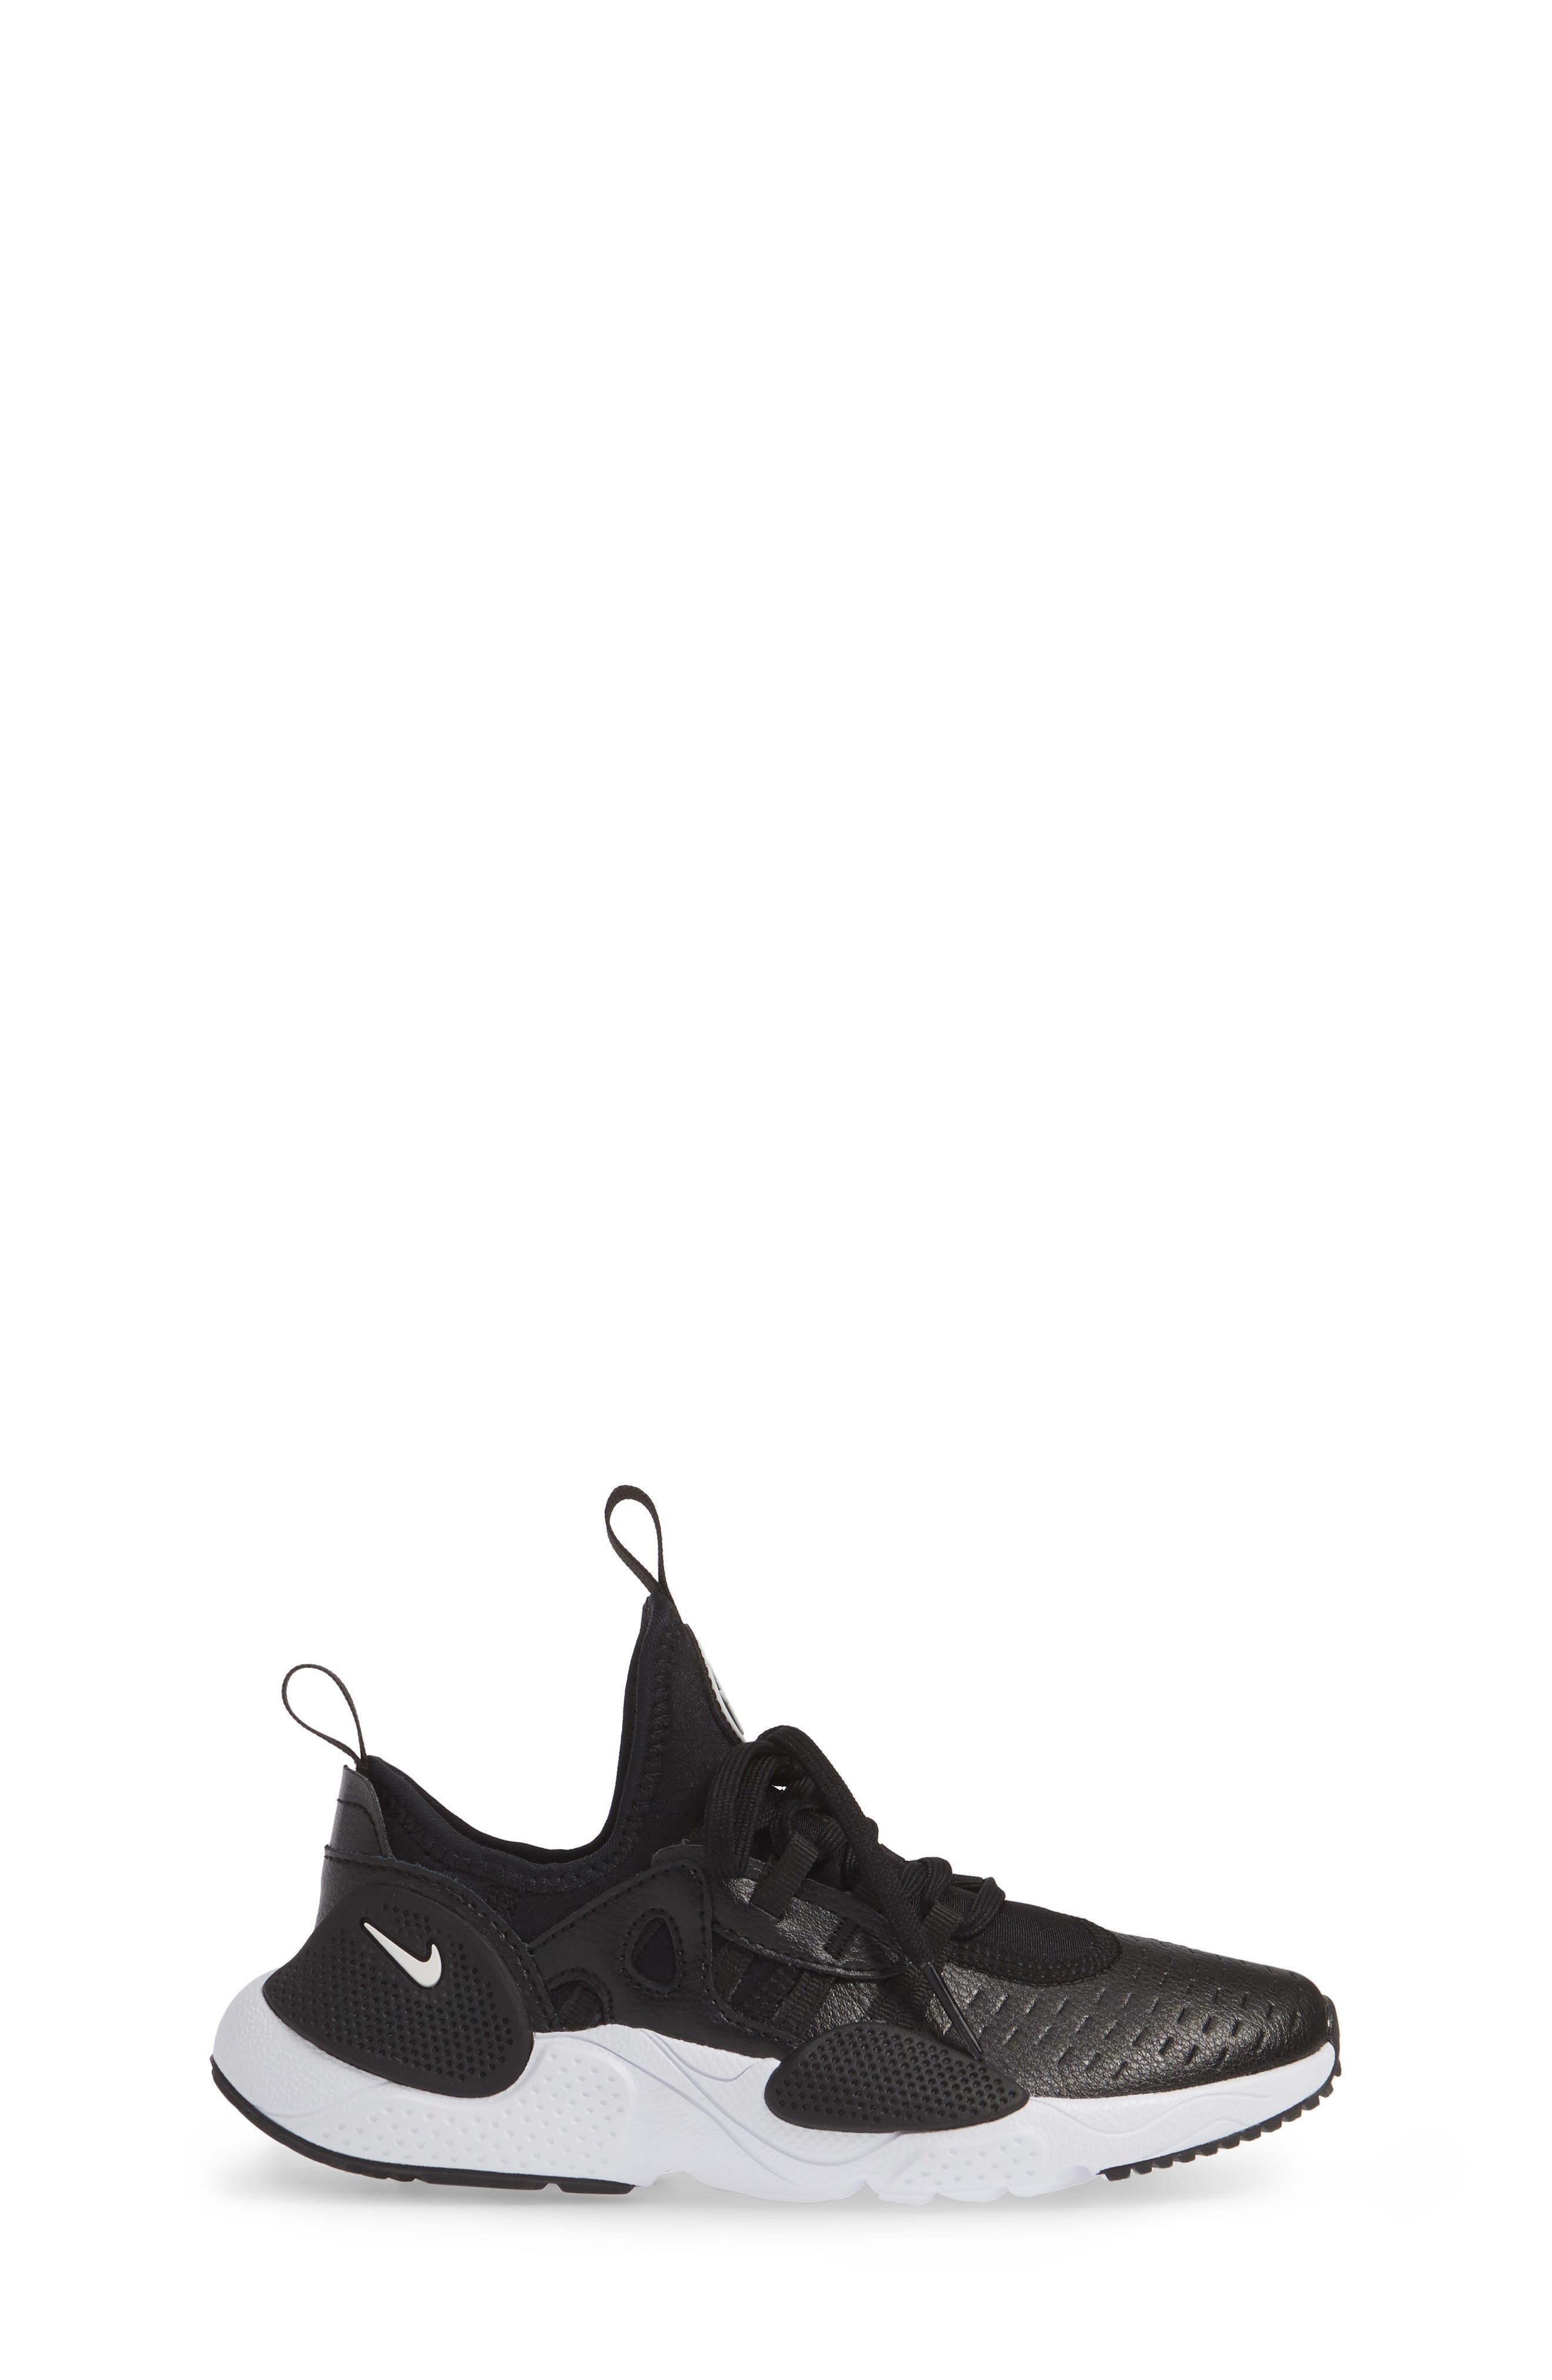 Huarache E.D.G.E. Sneaker,                             Alternate thumbnail 3, color,                             BLACK/ WHITE